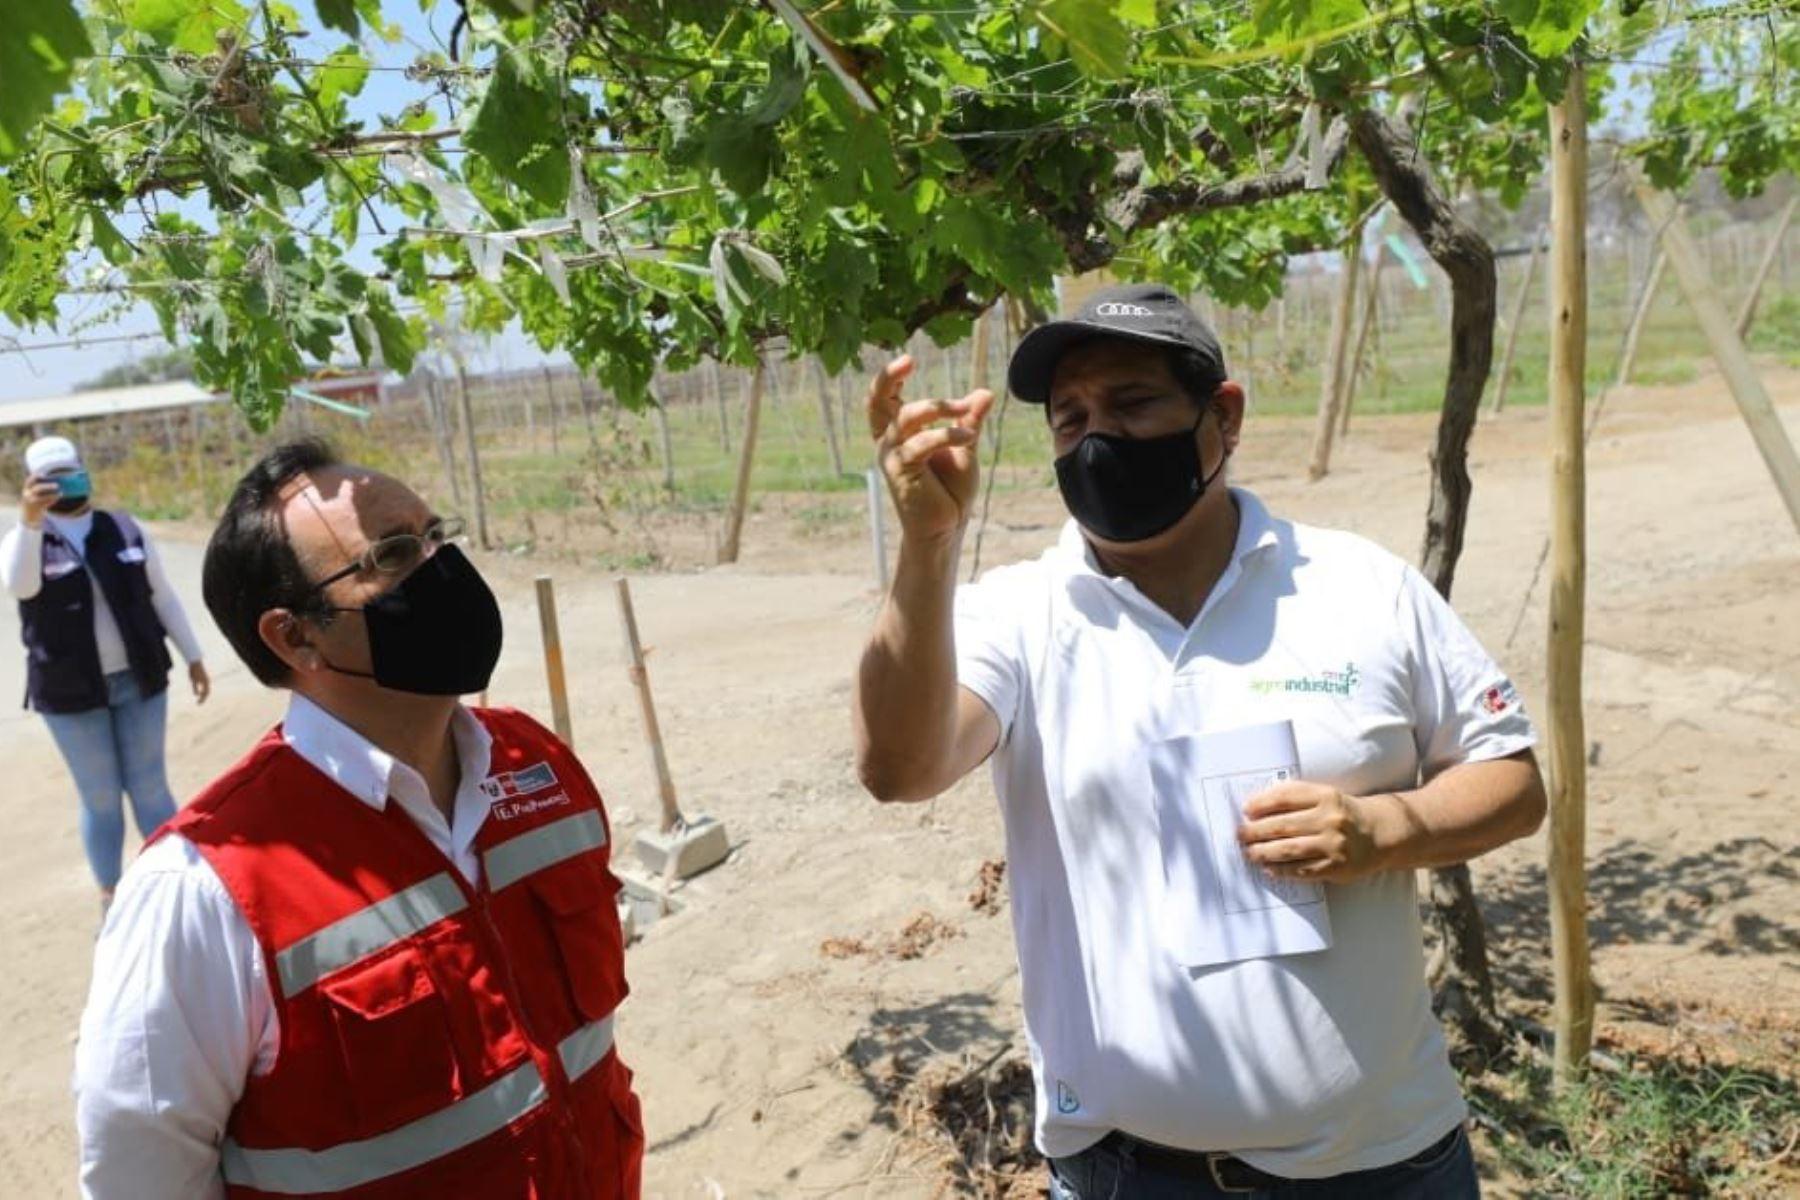 El ministro de la Producción, Jose Salardi, visita el CITE agroindustrial de Ica, a fin de conocer los servicios para el desarrollo de productos innovadores que elaboran los empresarios del sector agroindustrial en la región. Foto:ANDINA/Produce